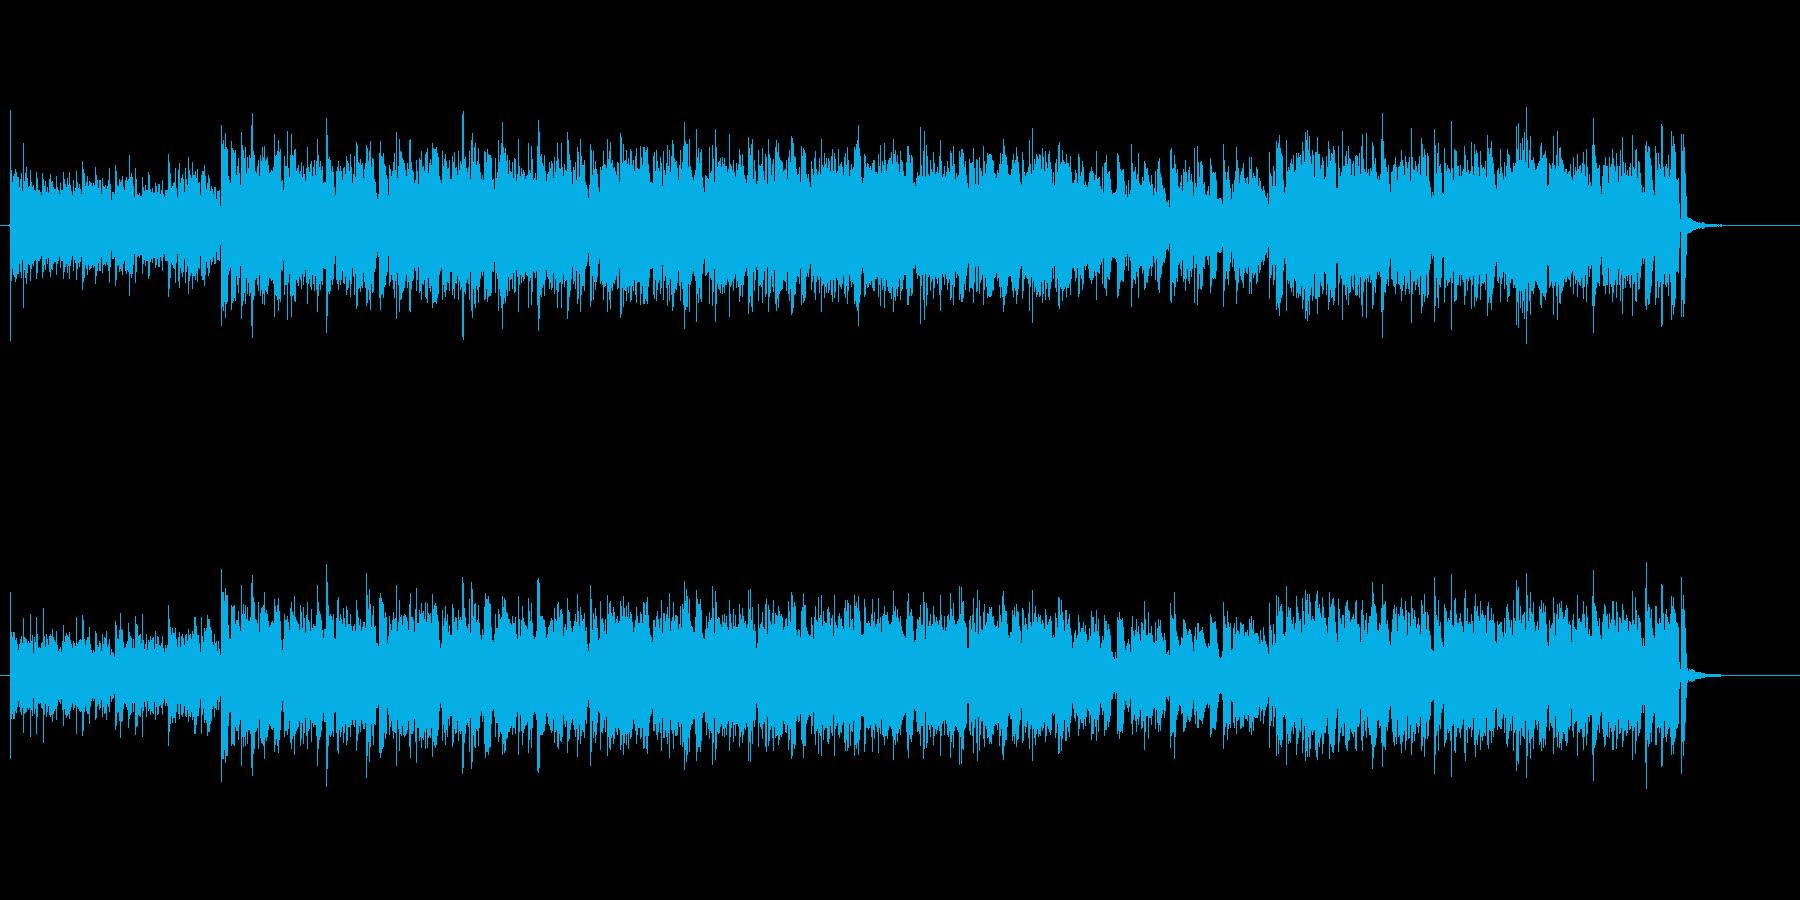 エレクトロミュージック風のBGMの再生済みの波形